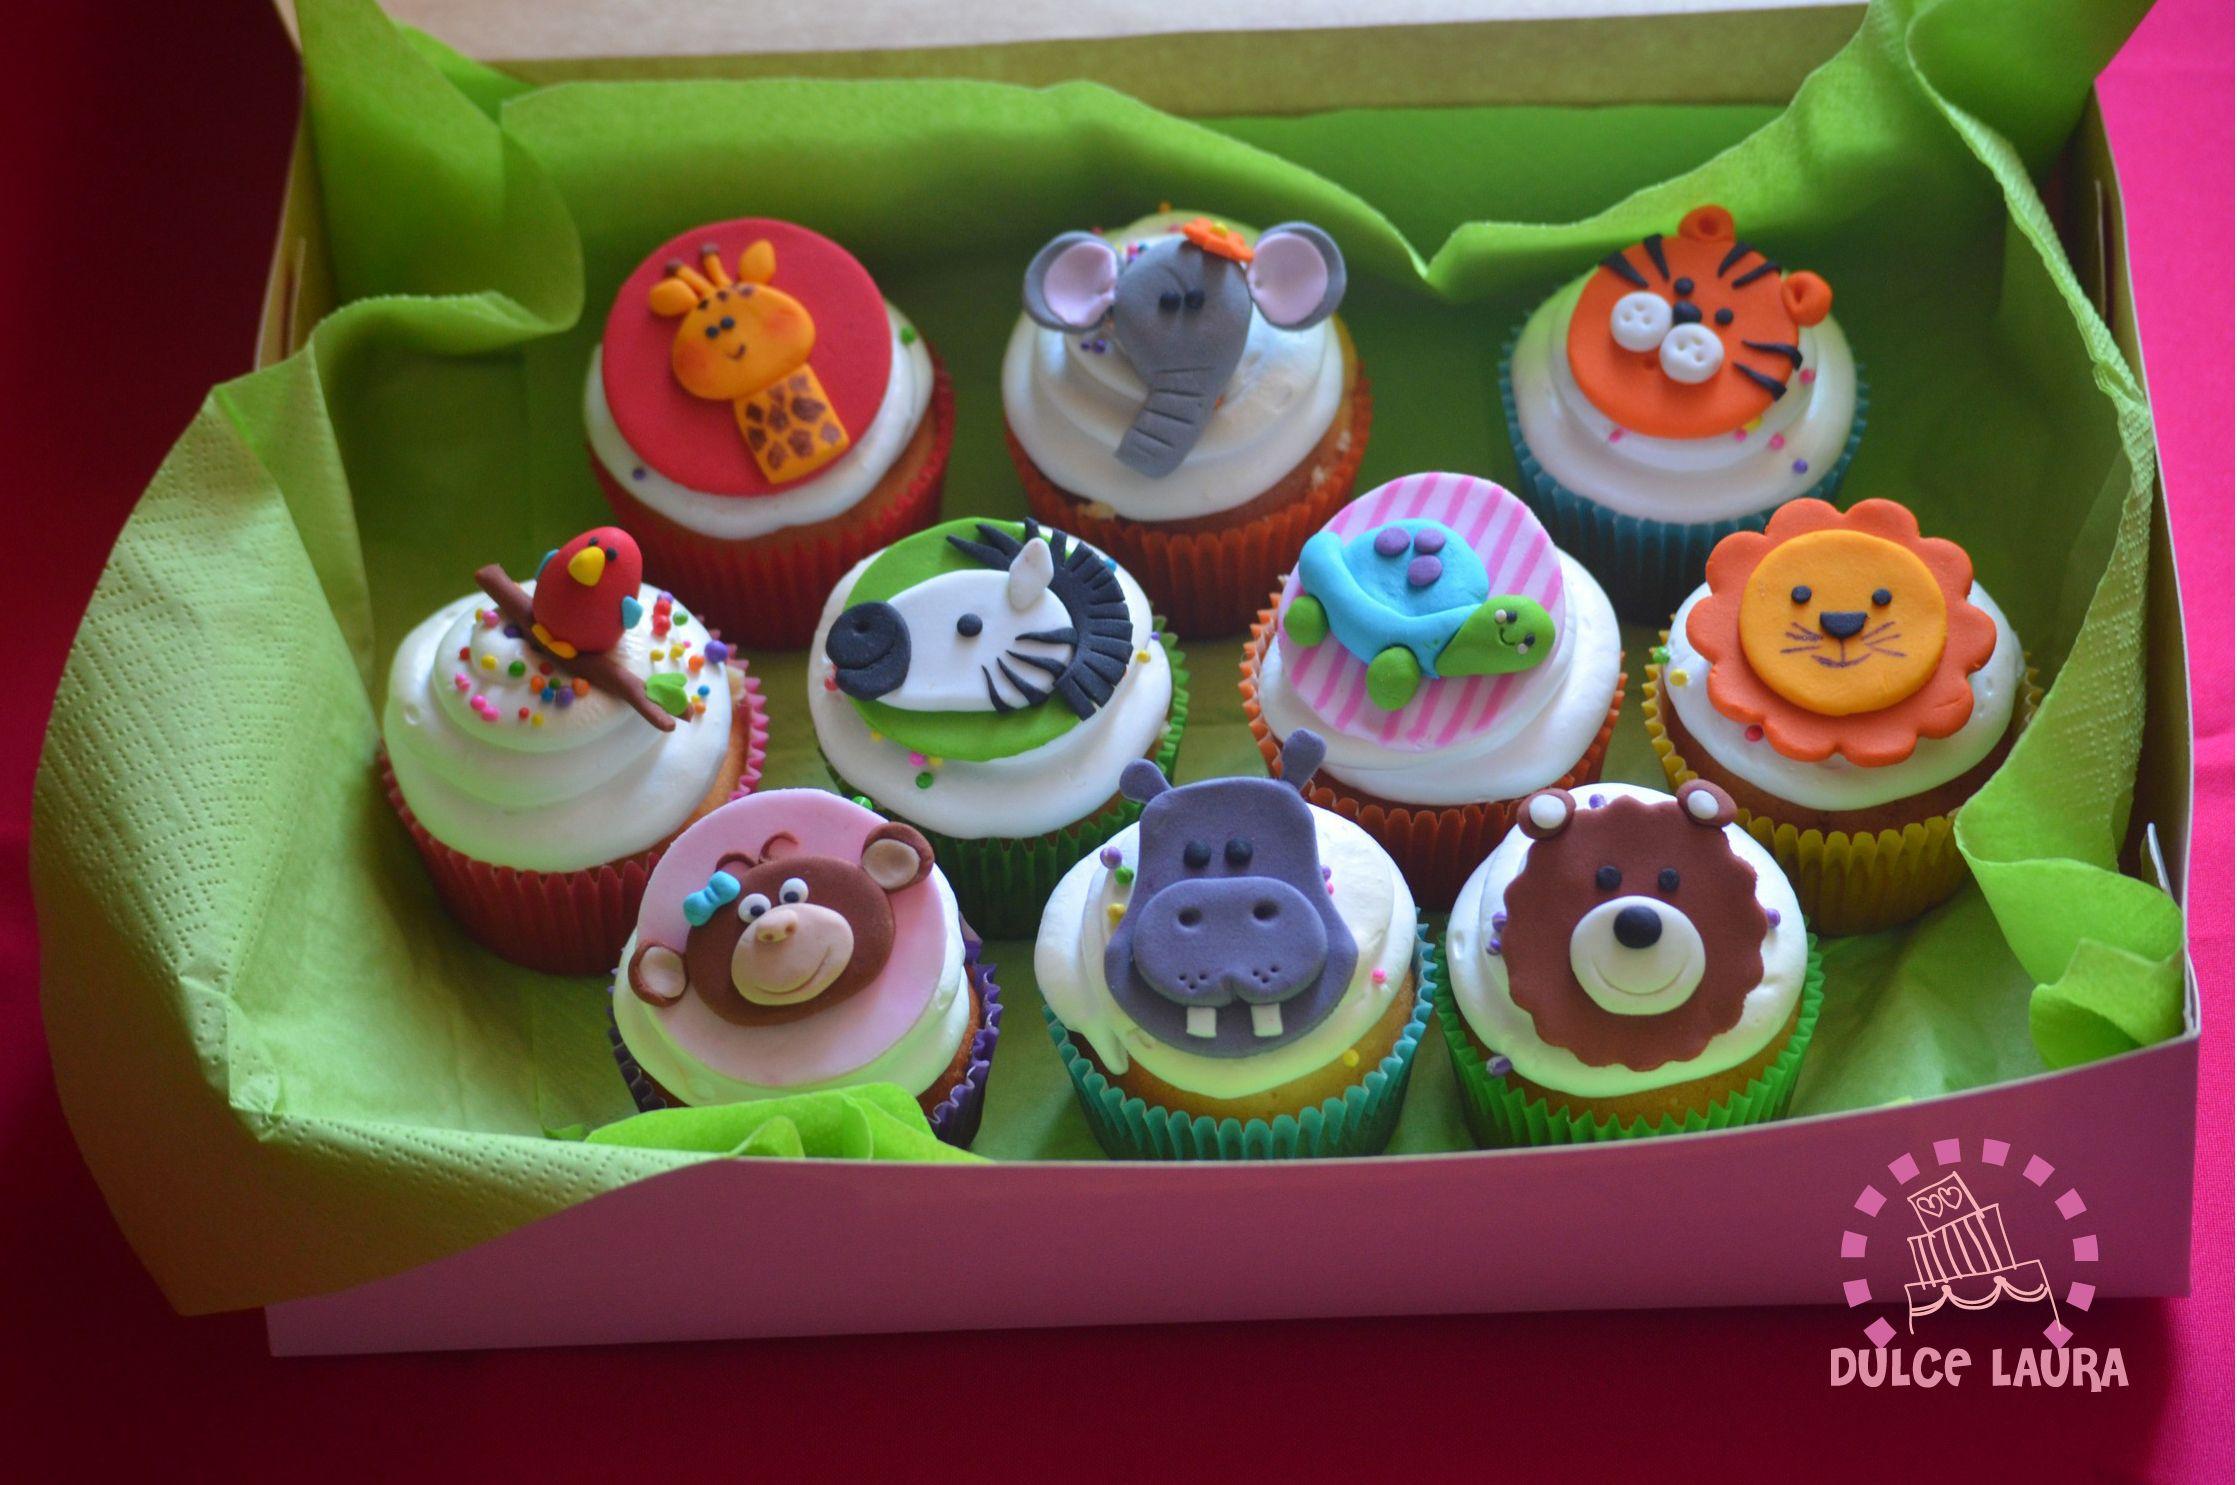 cupcakes de la selva #cakelife #DulceLaura